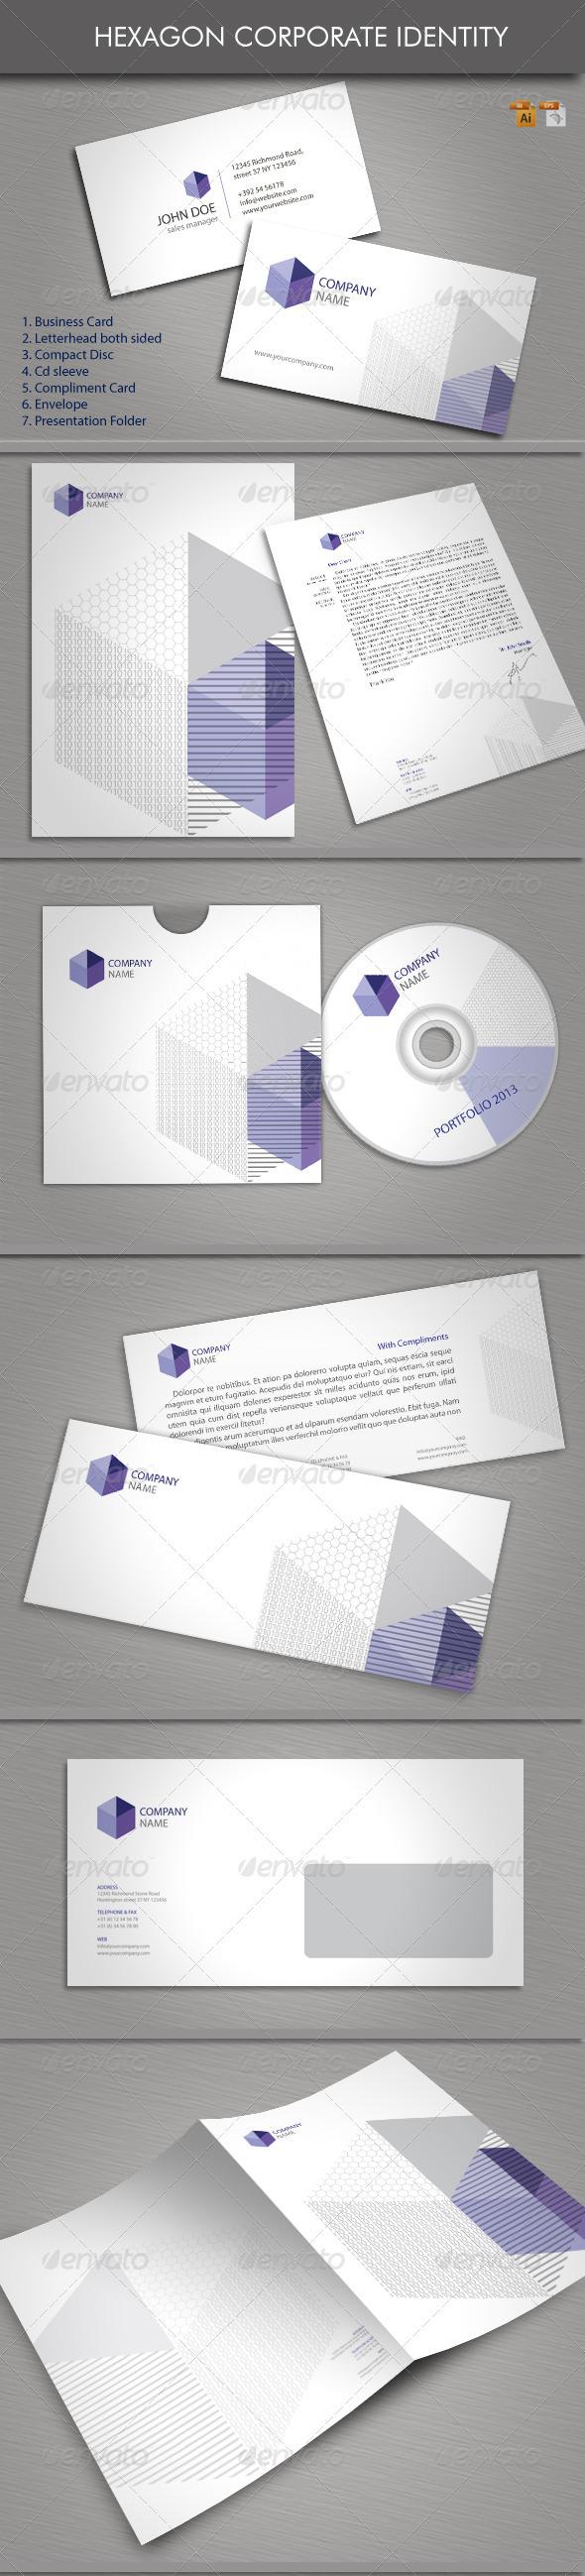 GraphicRiver Hexagon Corporate Identity 3775312